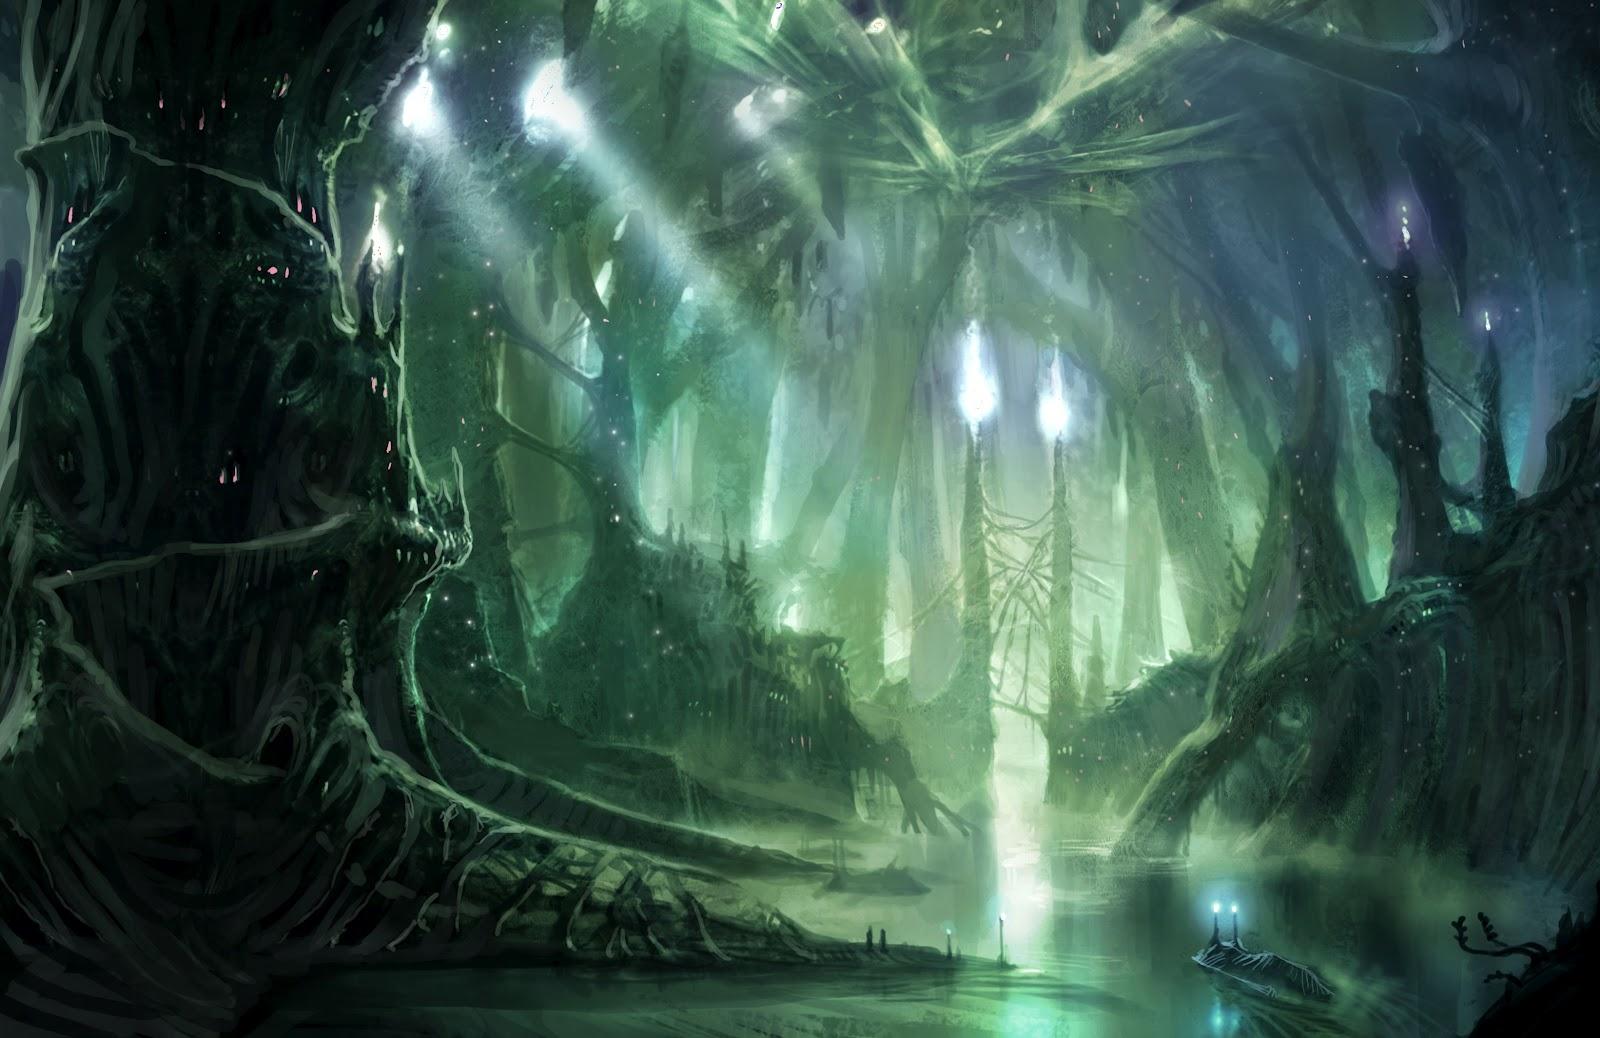 http://1.bp.blogspot.com/-RmL1QdN125I/UDpcfzCBfKI/AAAAAAAALbg/1lhfbBLpJj0/s1600/fantasy+forest+wallpaper+lonely+5+stars+phistars+wallpaper.jpg